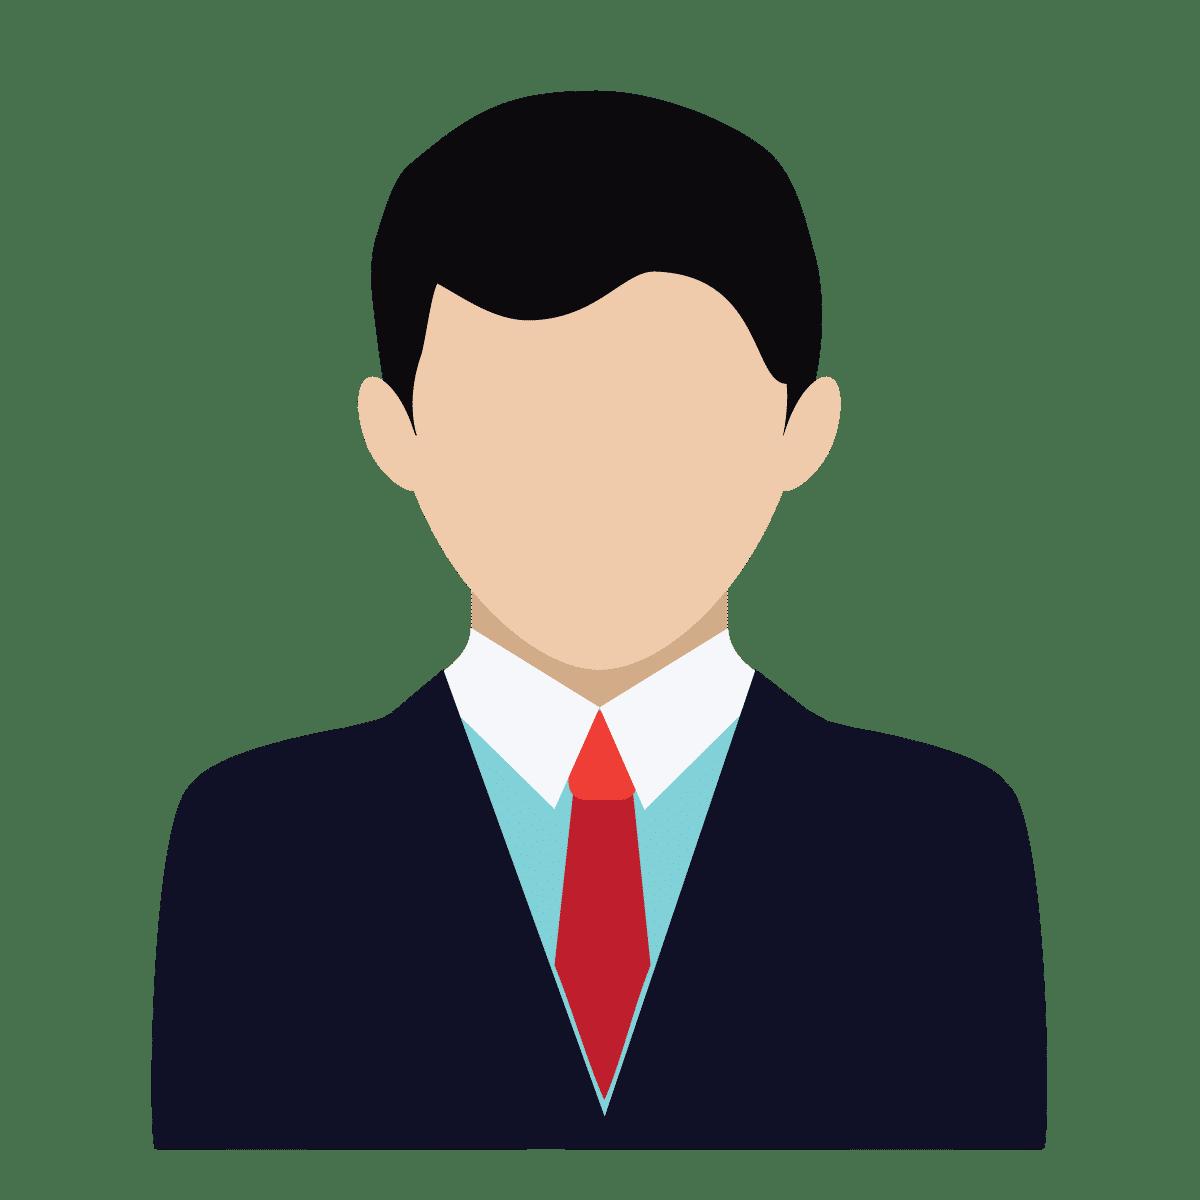 Miễn phí tư vấn và khảo sát